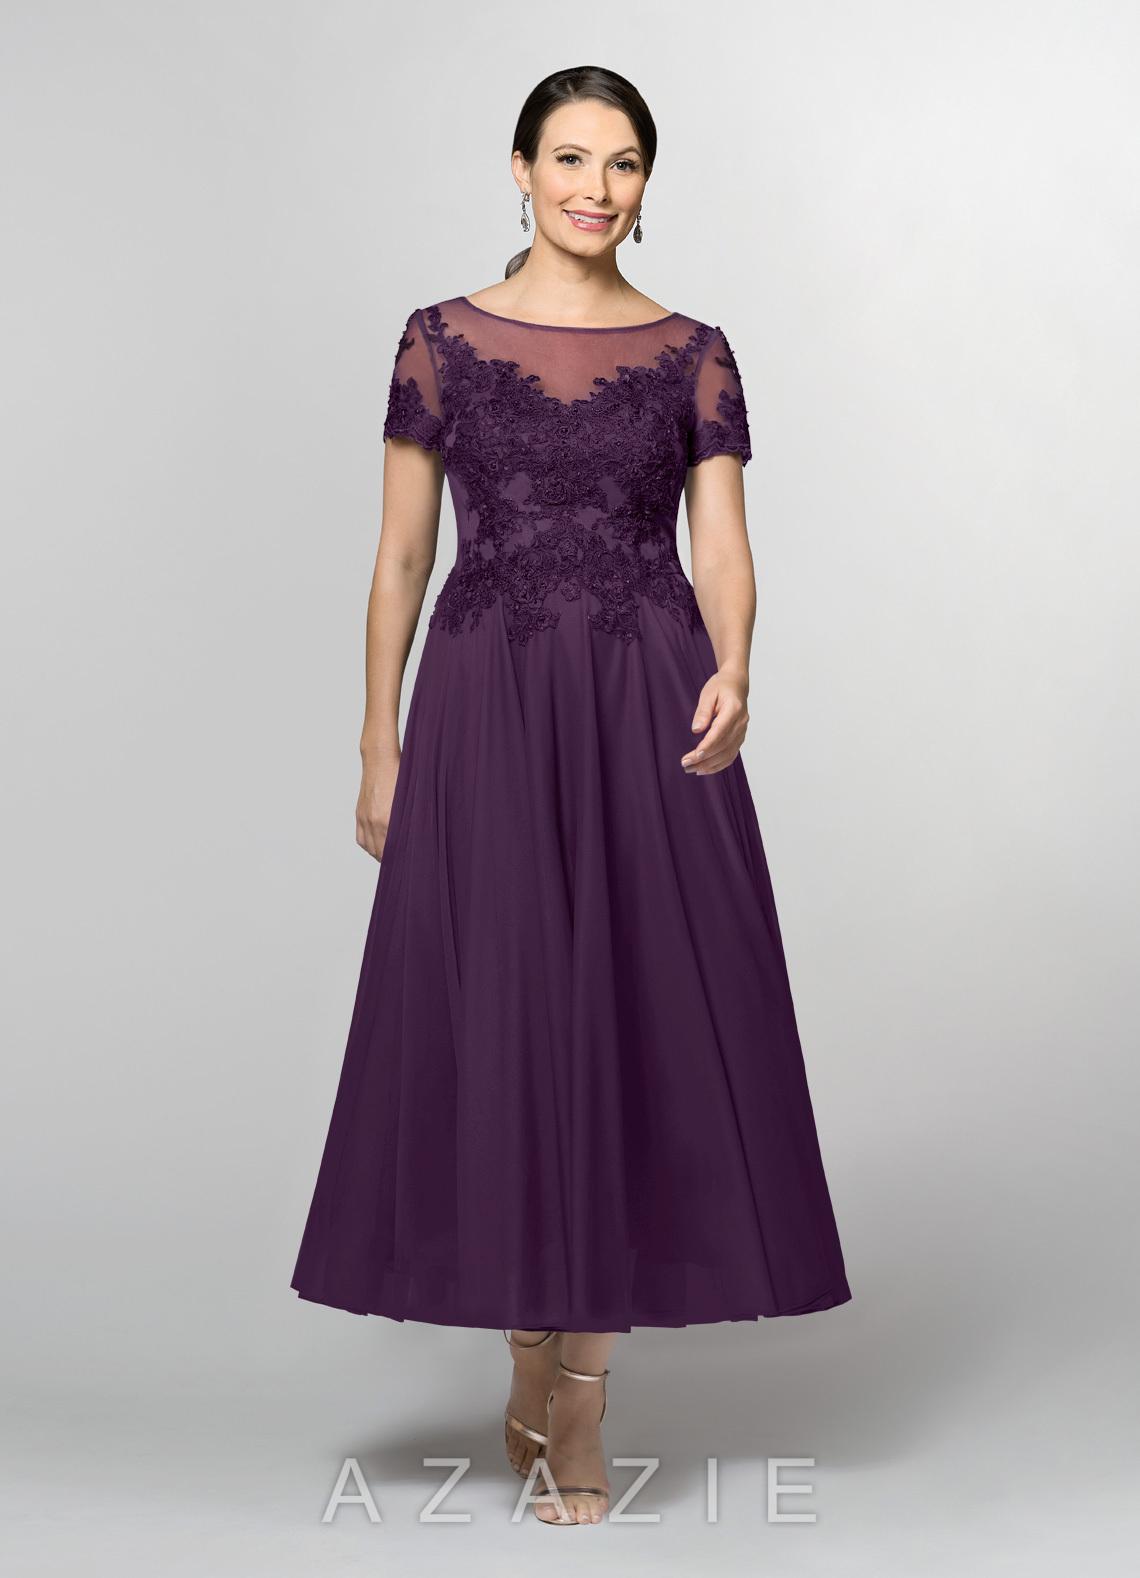 13050338dd4f9 Azazie Liliane MBD Mother Of The Bride Dress | Azazie